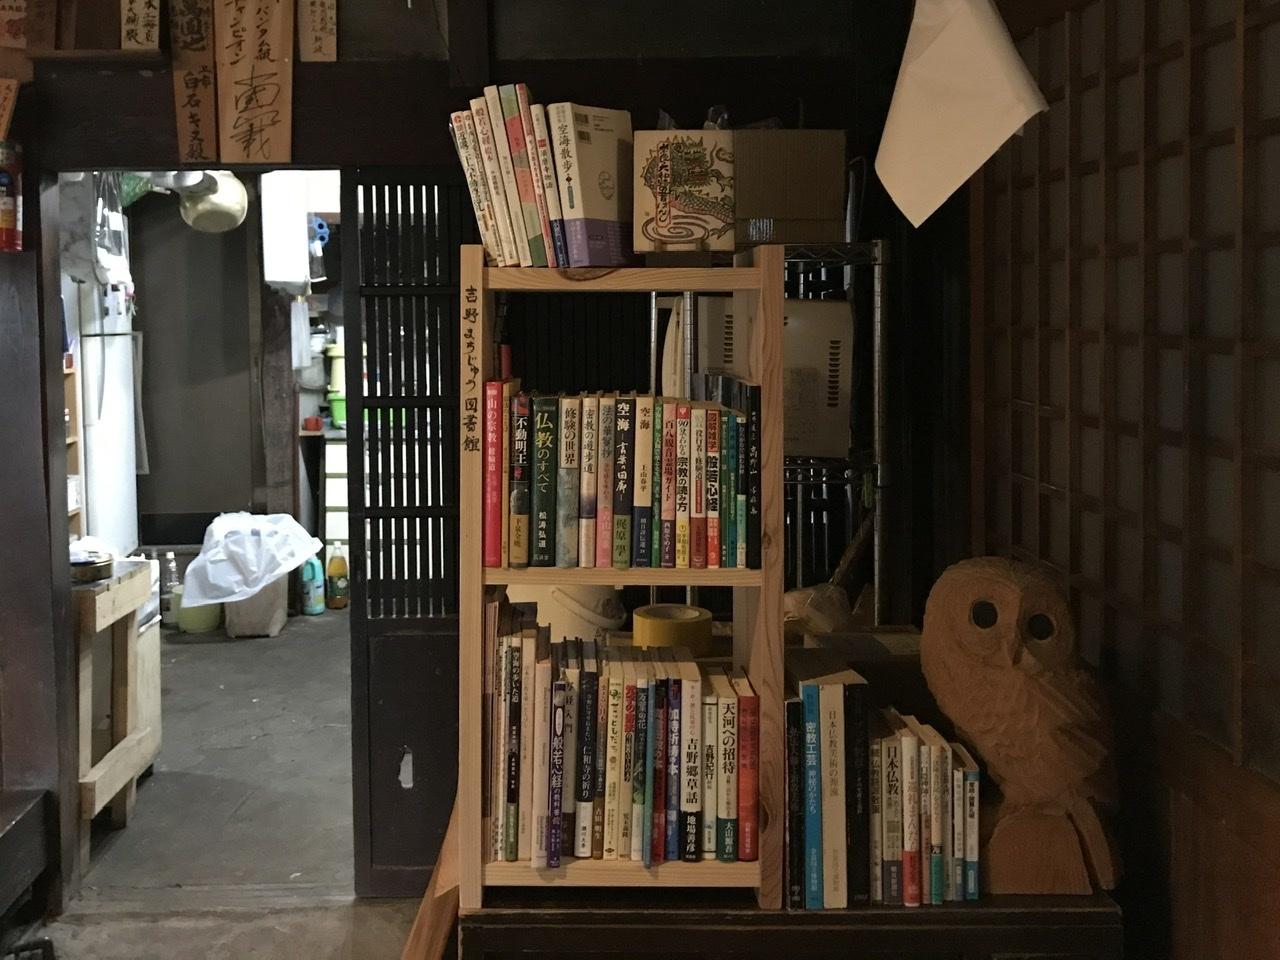 7月3日 吉野町じゅう図書館_a0317236_06425031.jpeg